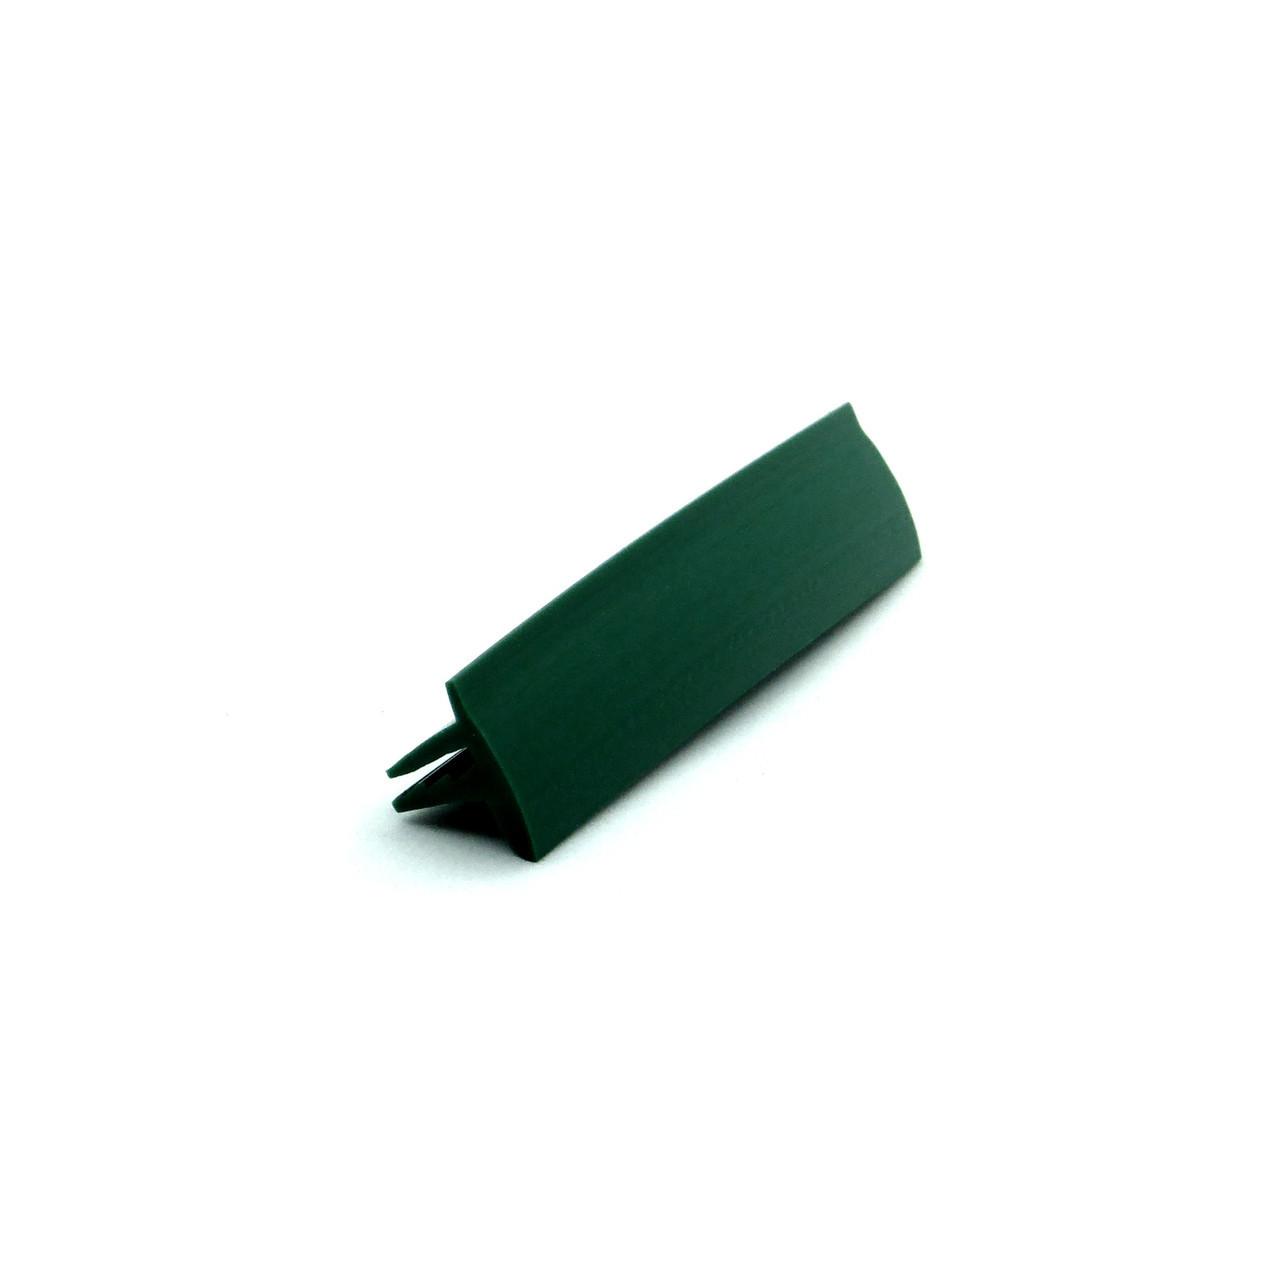 Вставка декоративная для натяжного потолка - L666. Широкая, цветная  - 14 мм